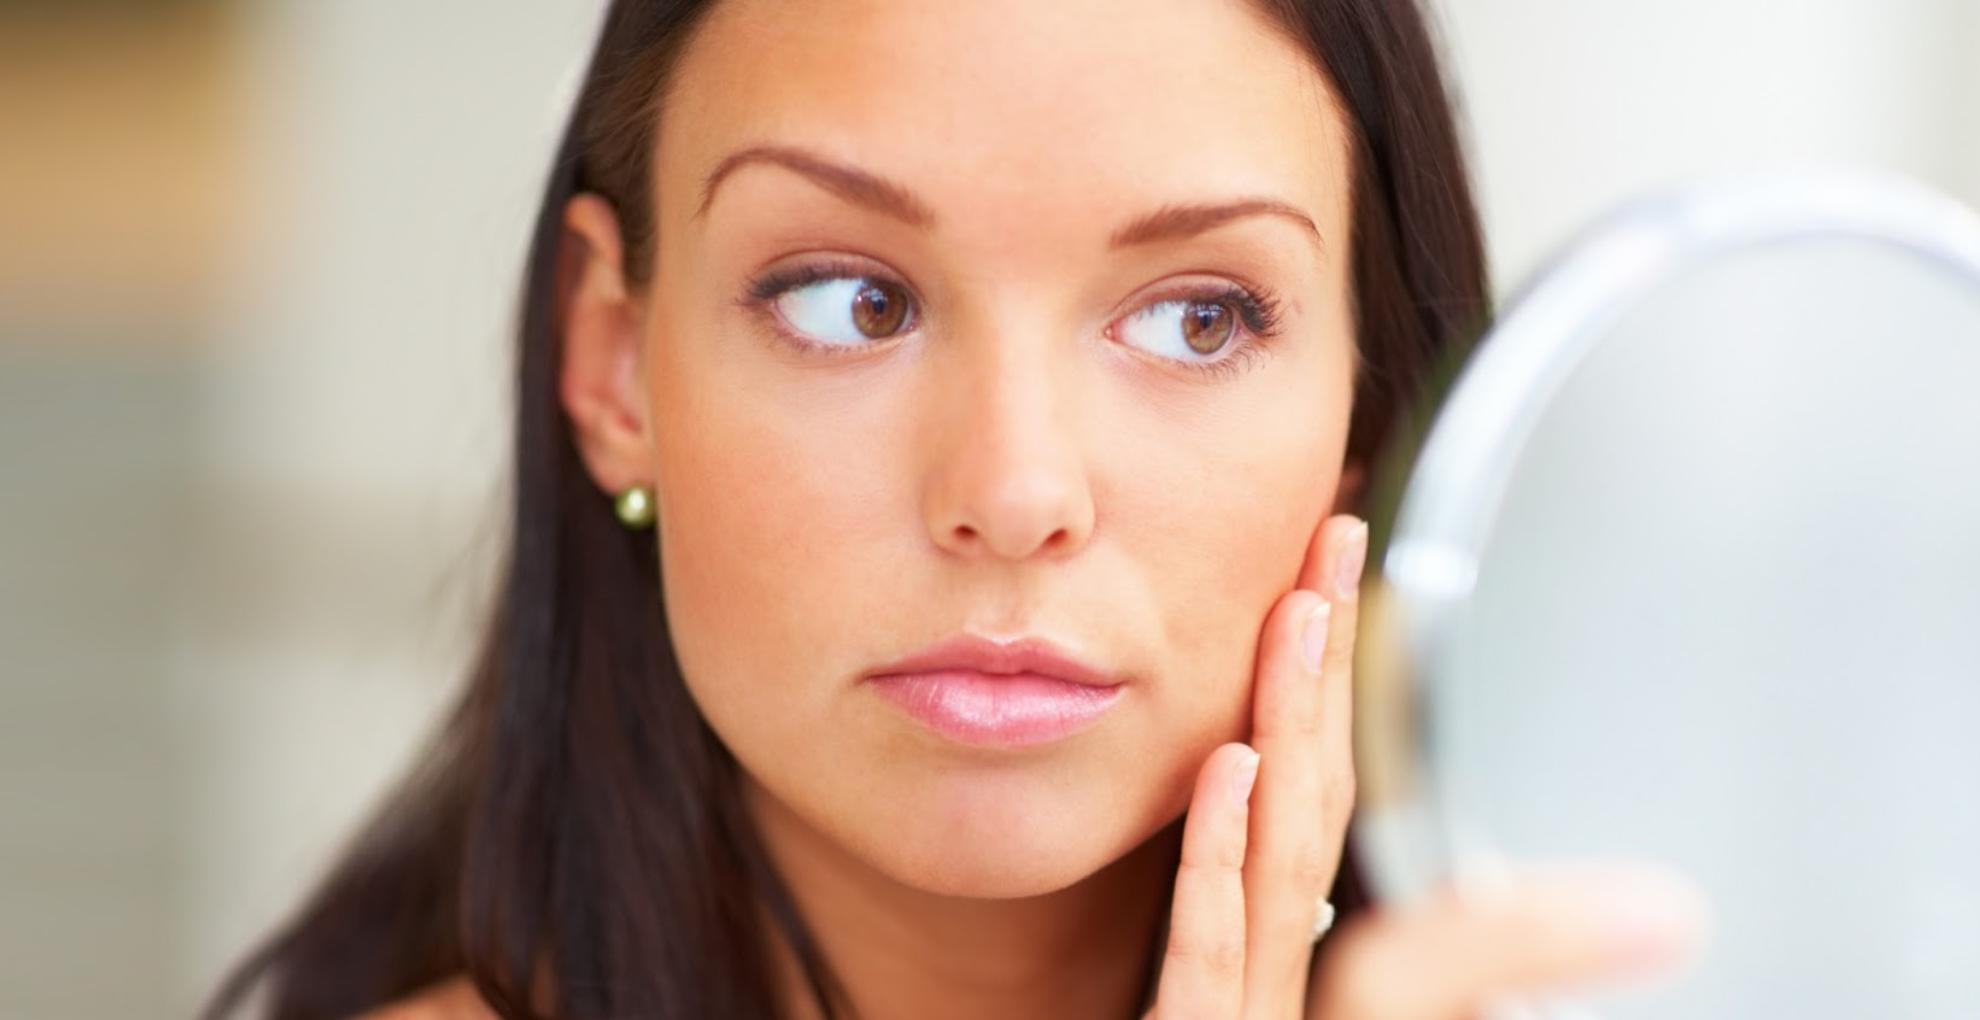 Skin Care Tips: जरा संभल कर! इन चीजों का चेहरे पर करेंगी इस्तेमाल, तो होगा नुकसान